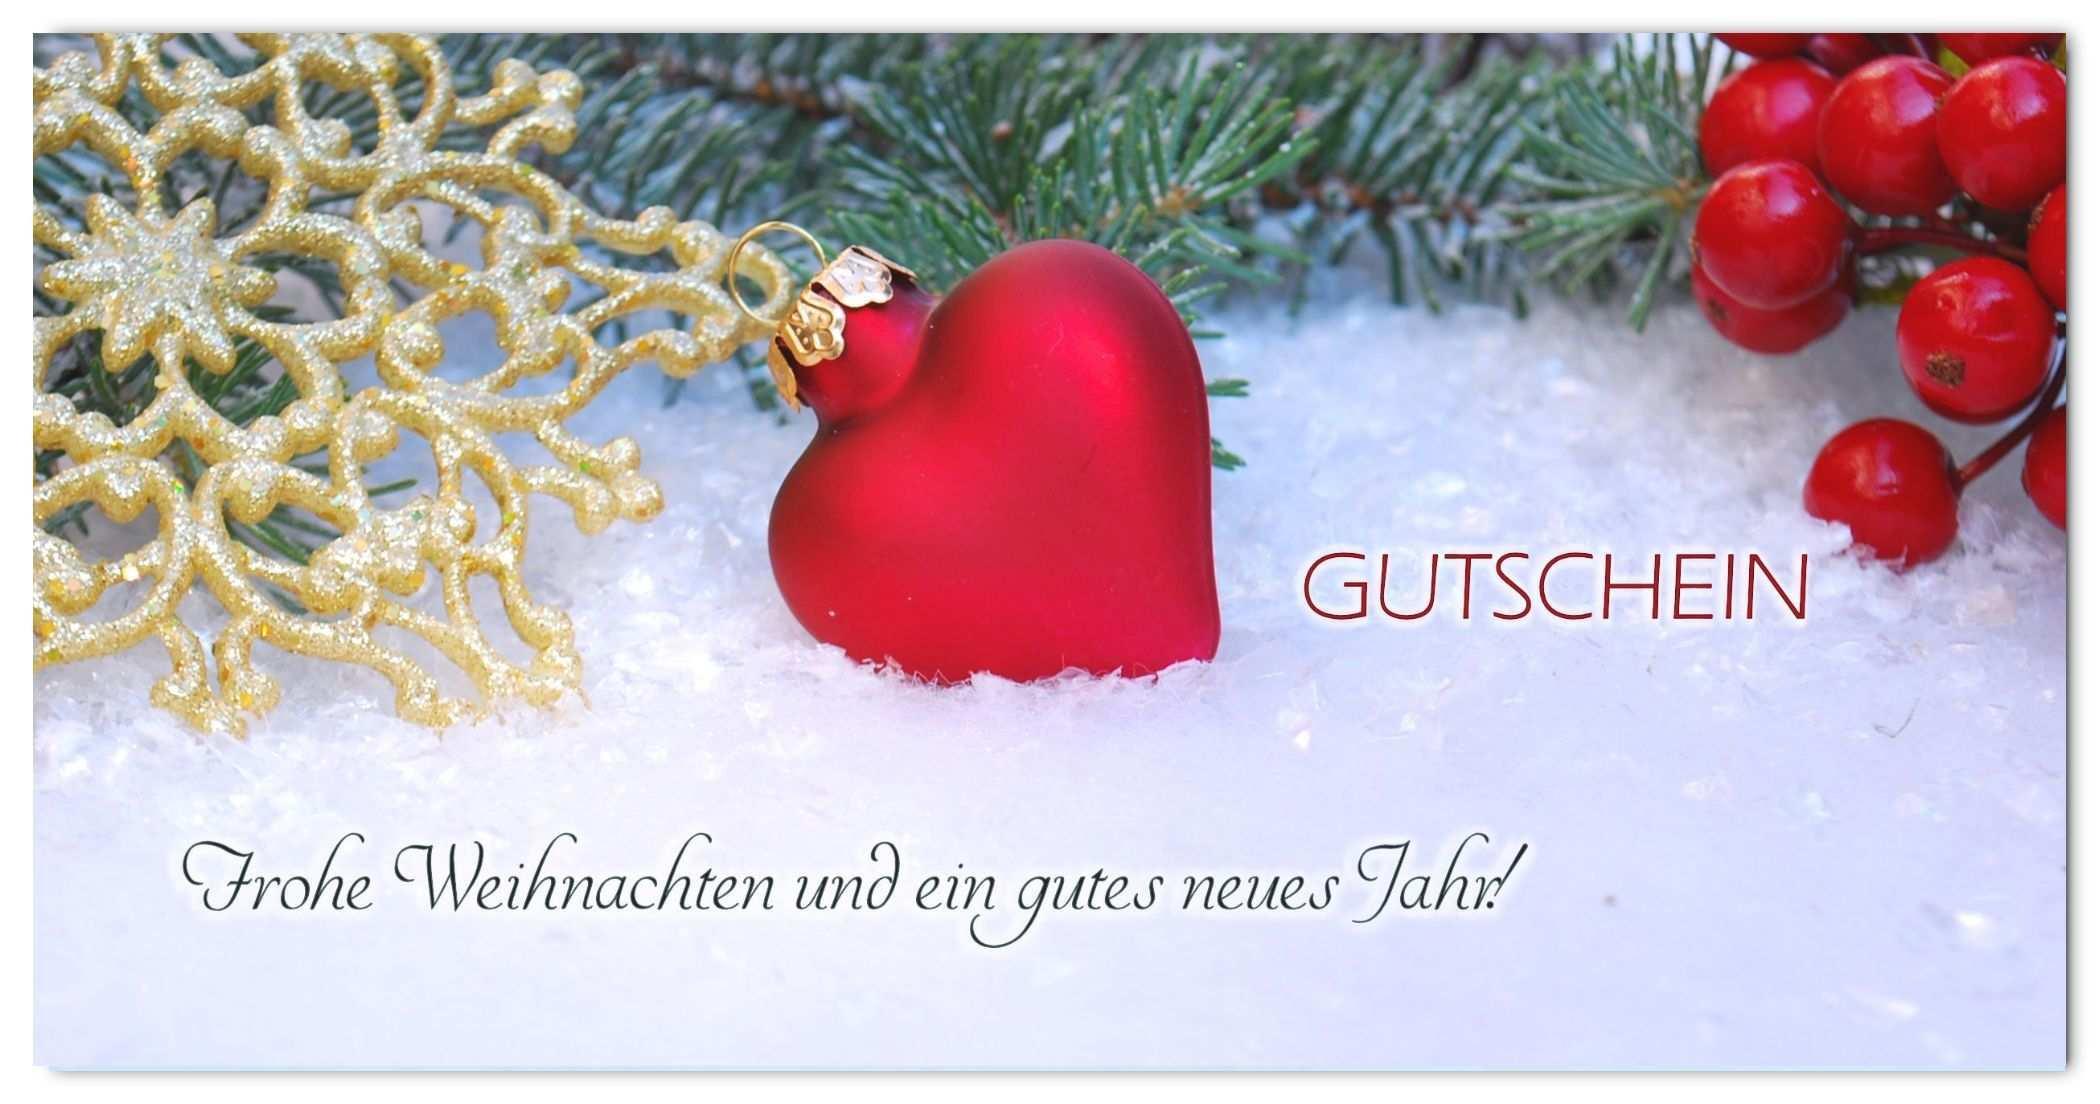 Geschenkgutscheine Fur Alle Branchen Weihnachten Gutschein Vorlage Weihnachten Geschenkgutscheine Geschenke